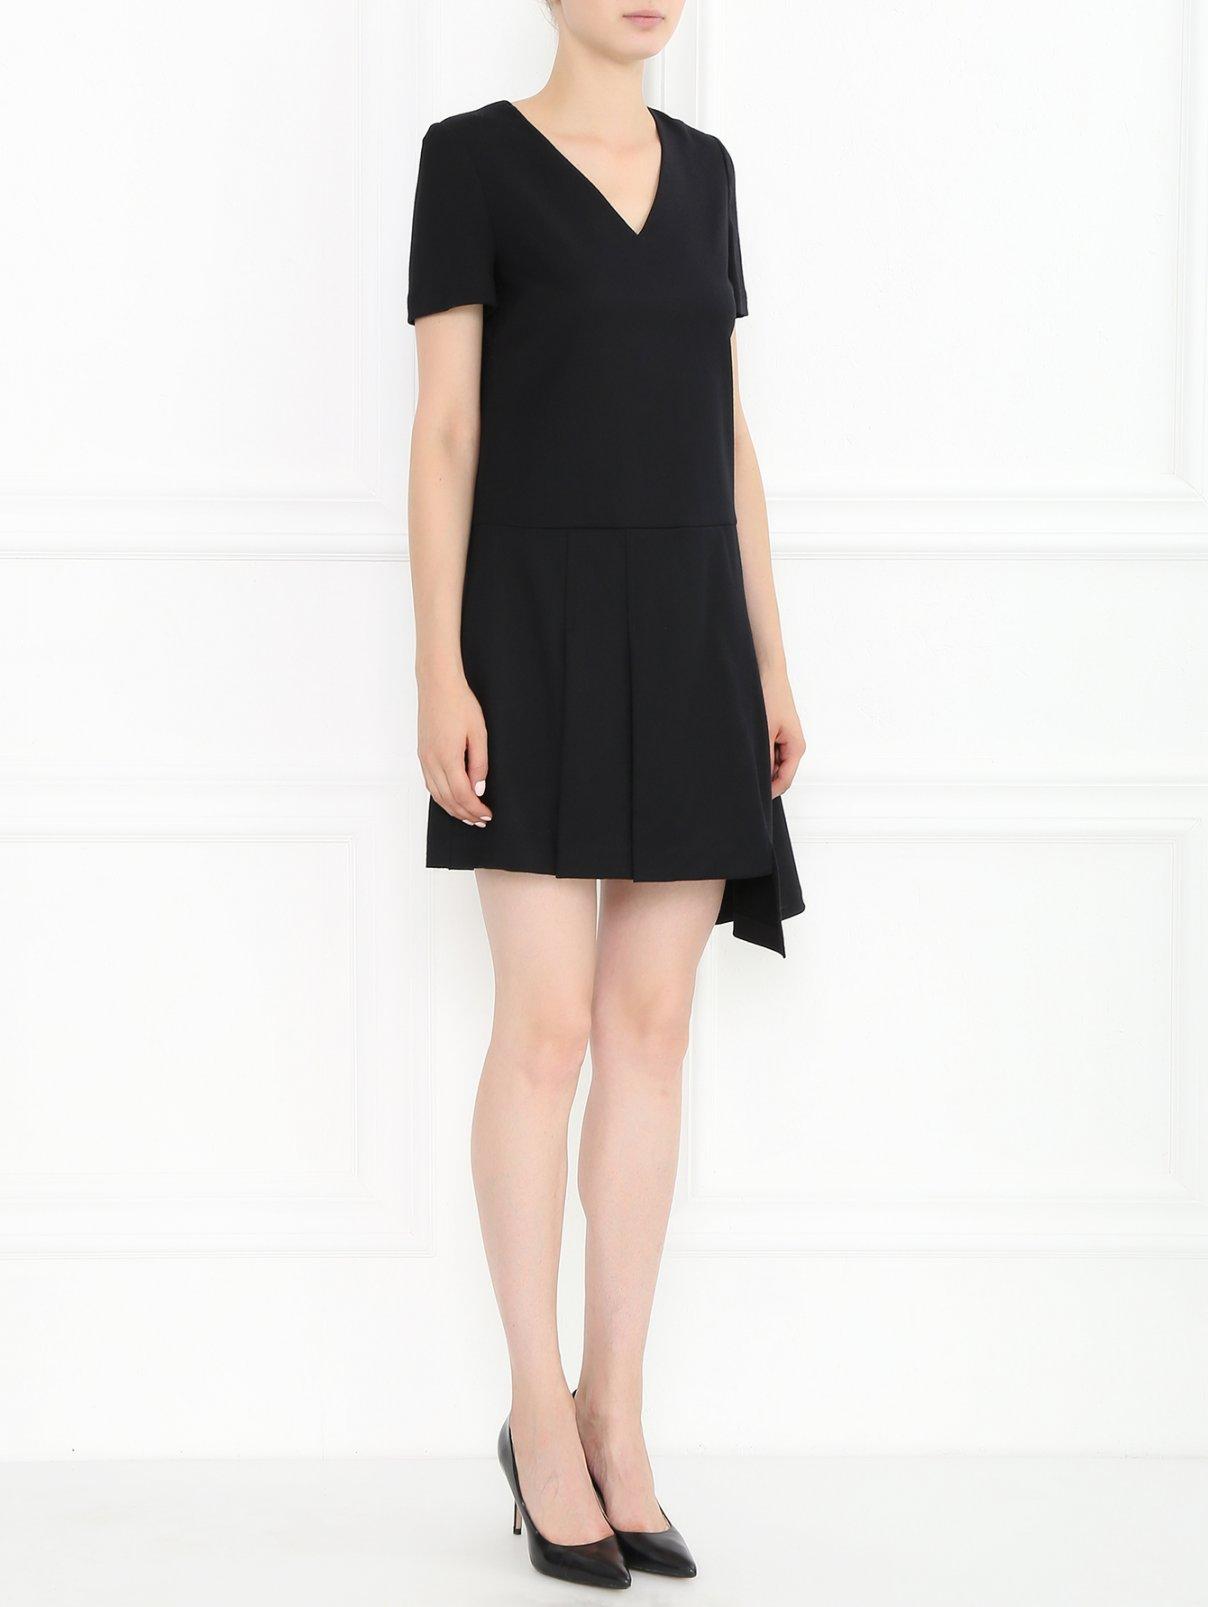 Платье-мини из шерсти с декоративной молнией Marc by Marc Jacobs  –  Модель Общий вид  – Цвет:  Черный